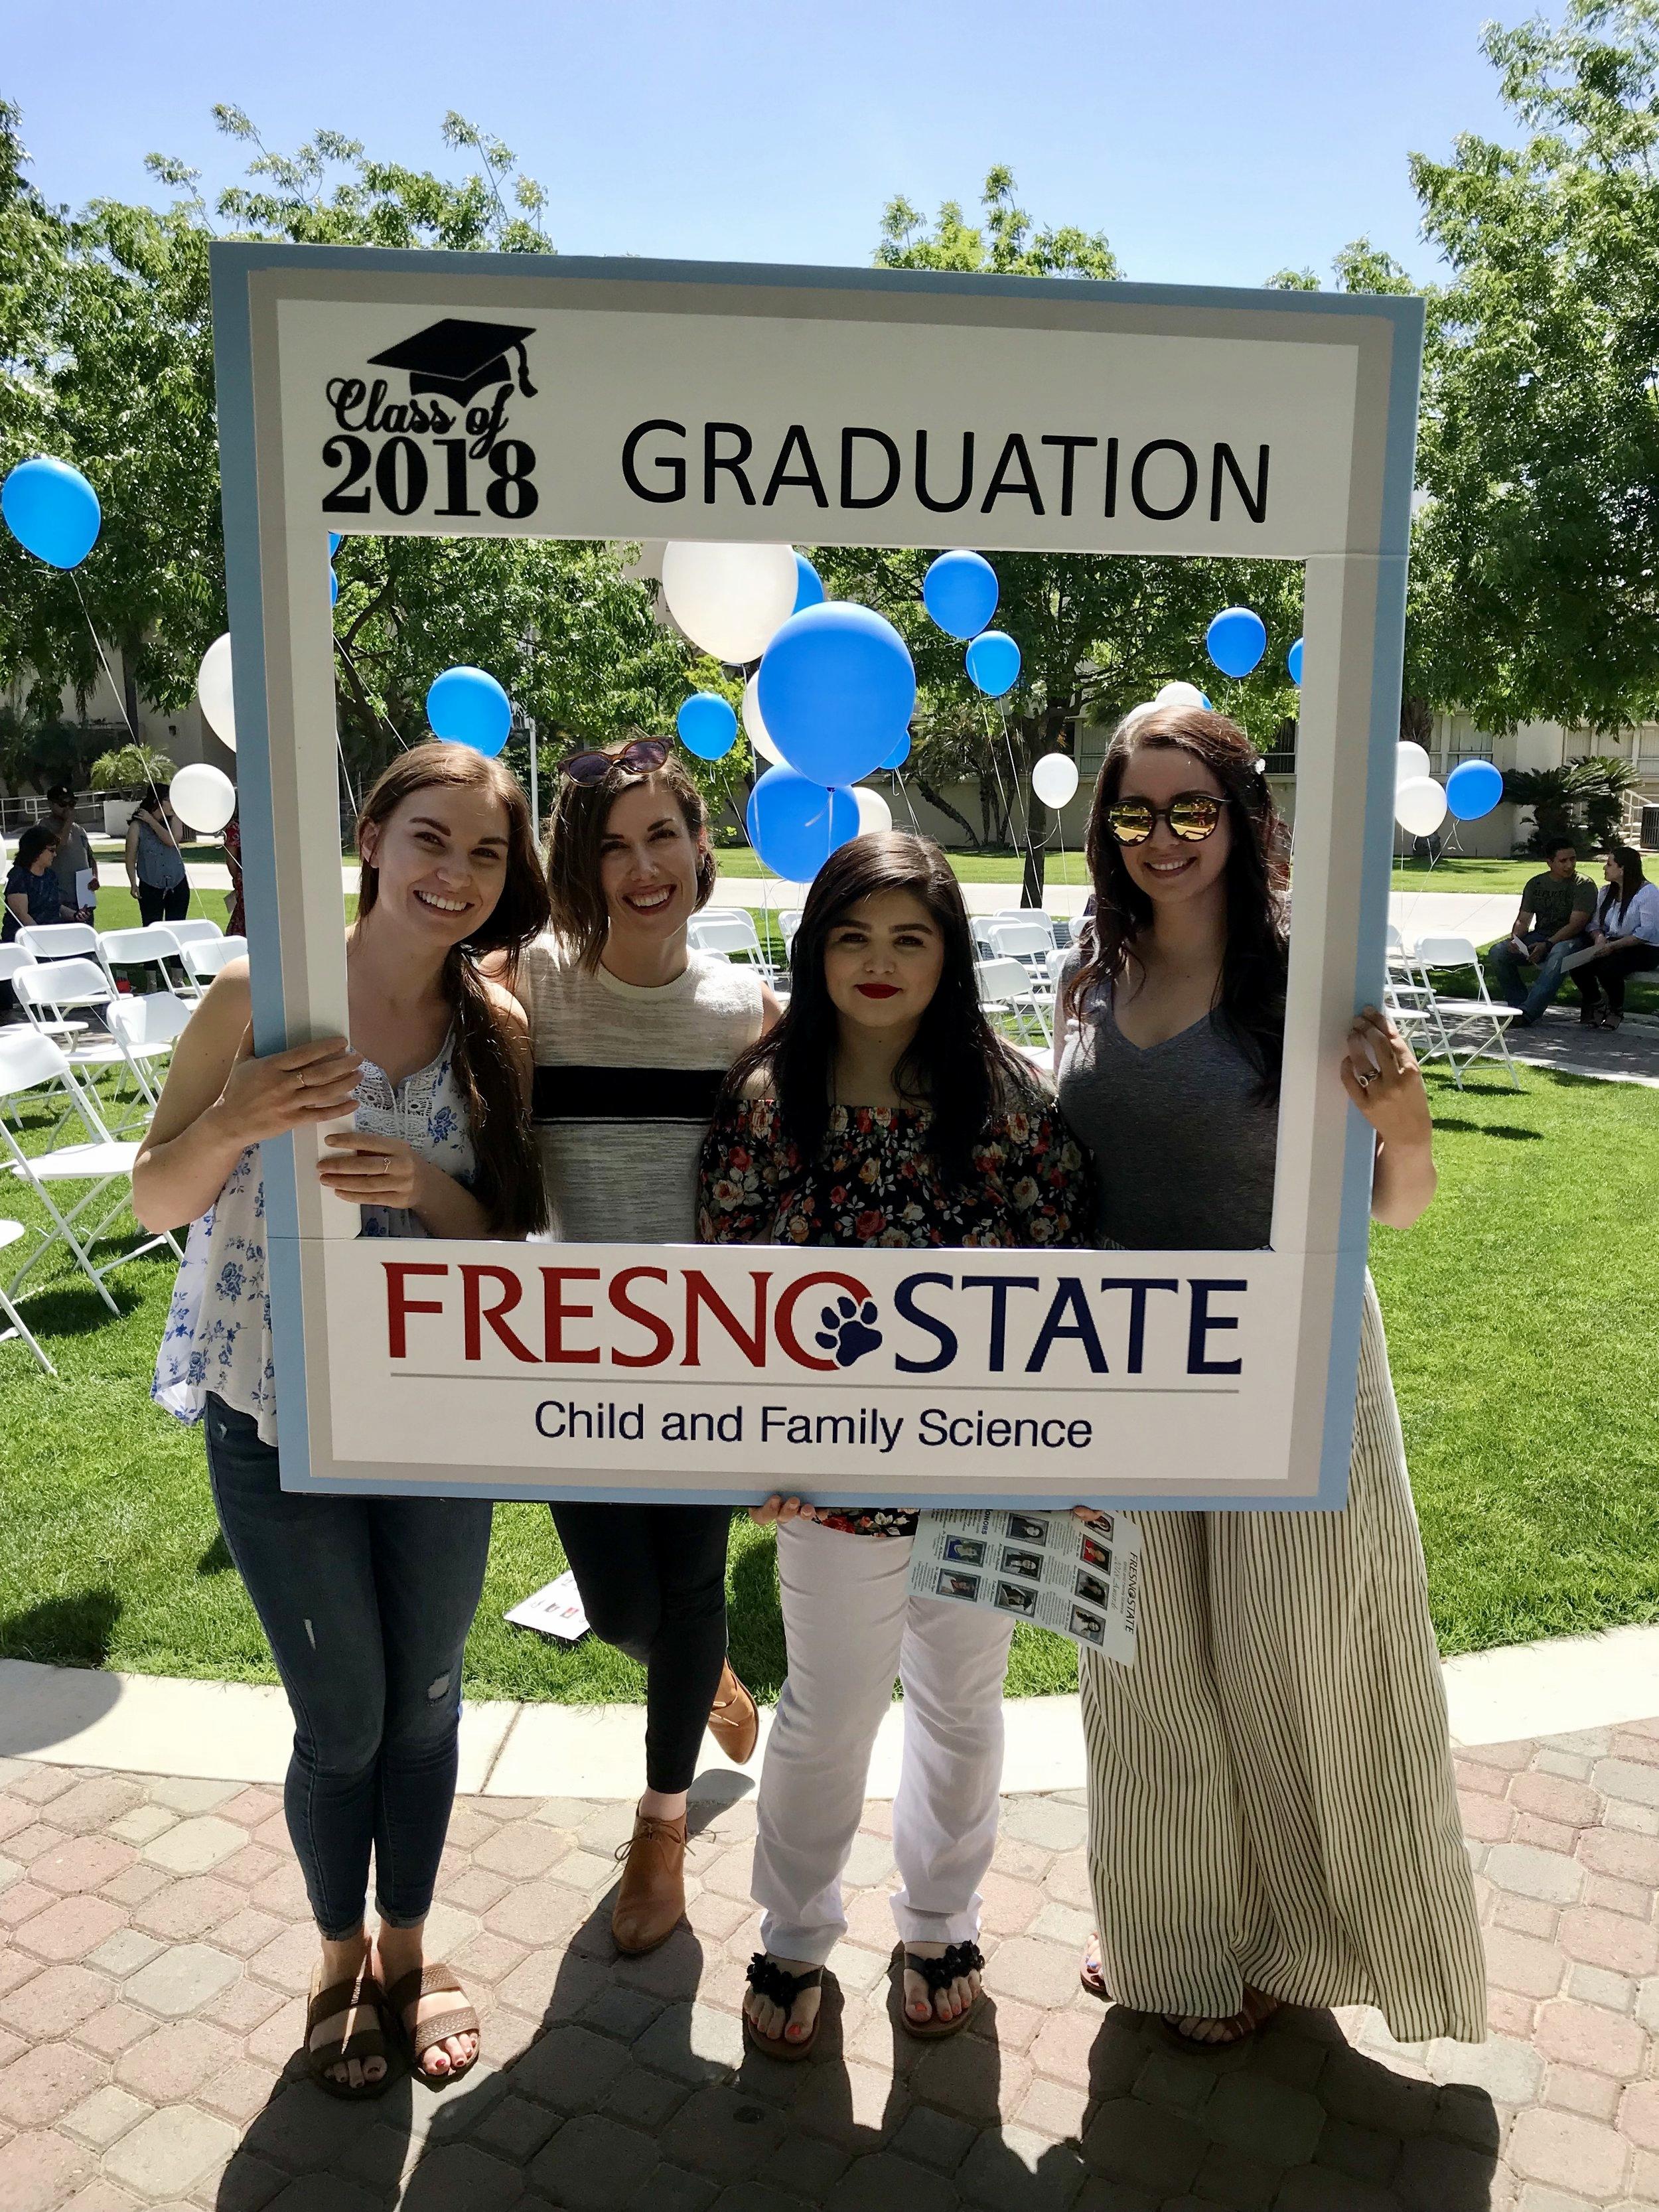 L-R: Cassandra Stewart, Dr. McKenzie, Cristina Landeros, & Rachel Castellón